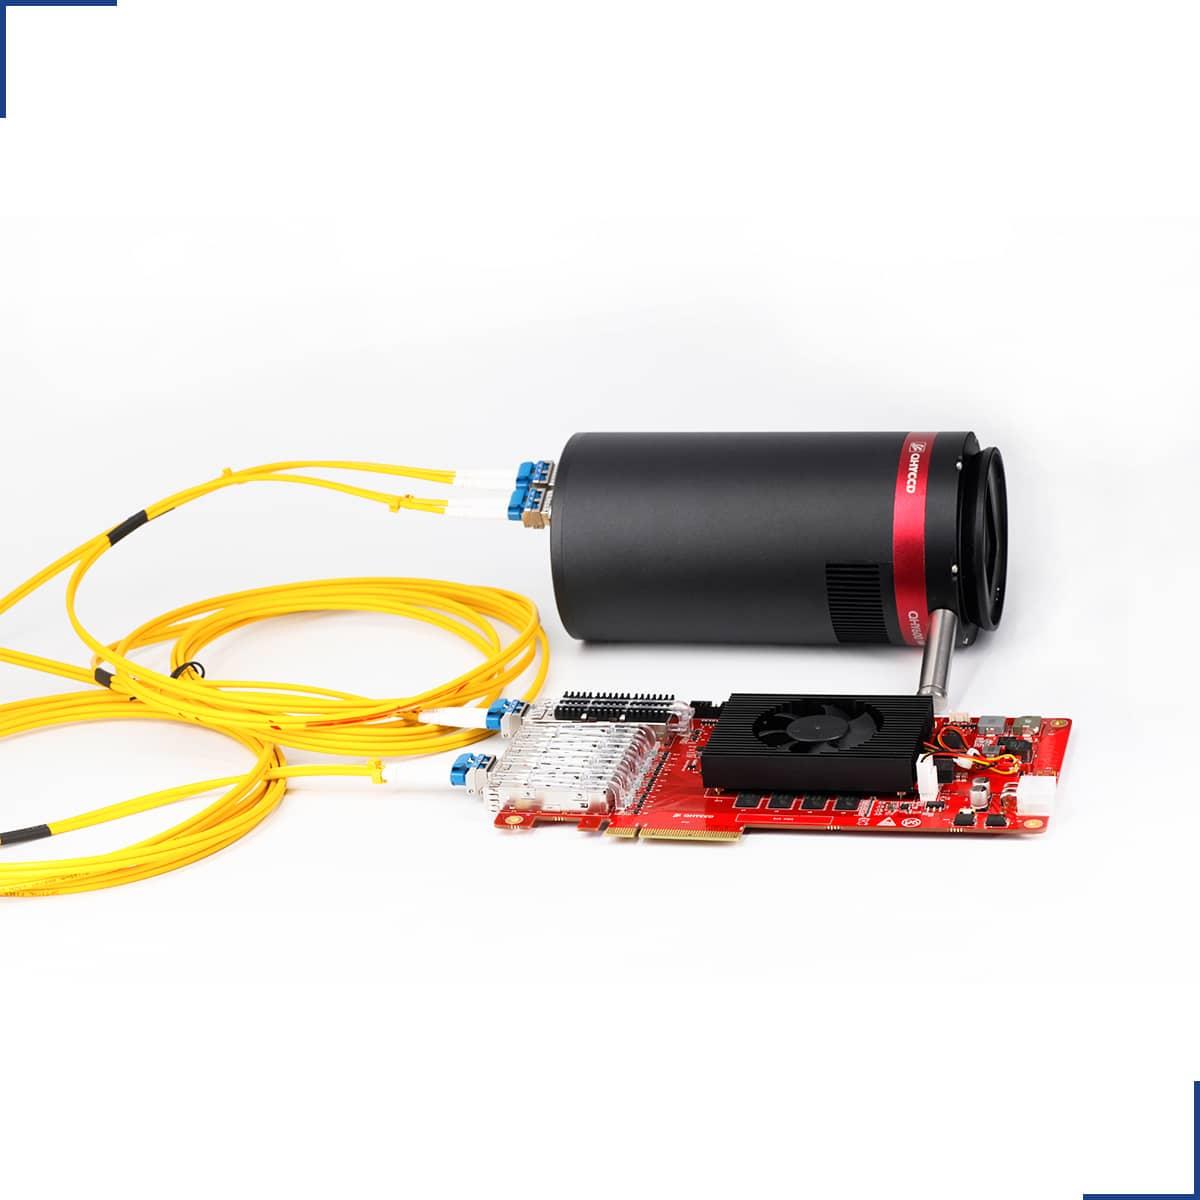 QHYCCD QHY600Pro IMX455 CMOS